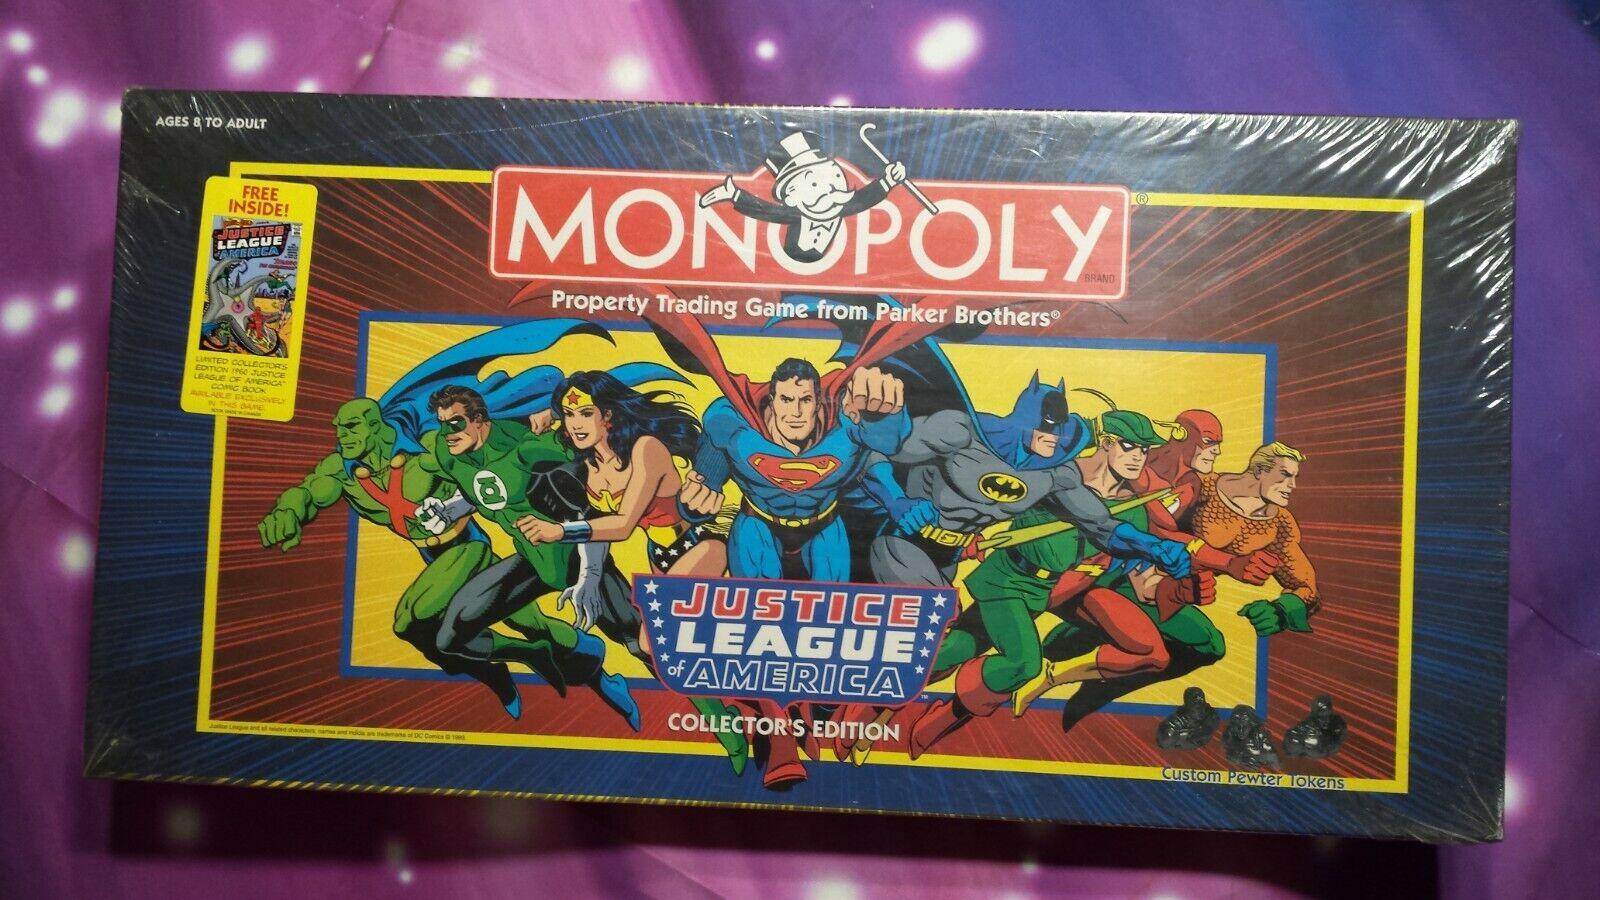 MONOPOLY Justice League America  Collector's Edition 1999 USAopoly, HASBRO, MIB  vente discount en ligne bas prix